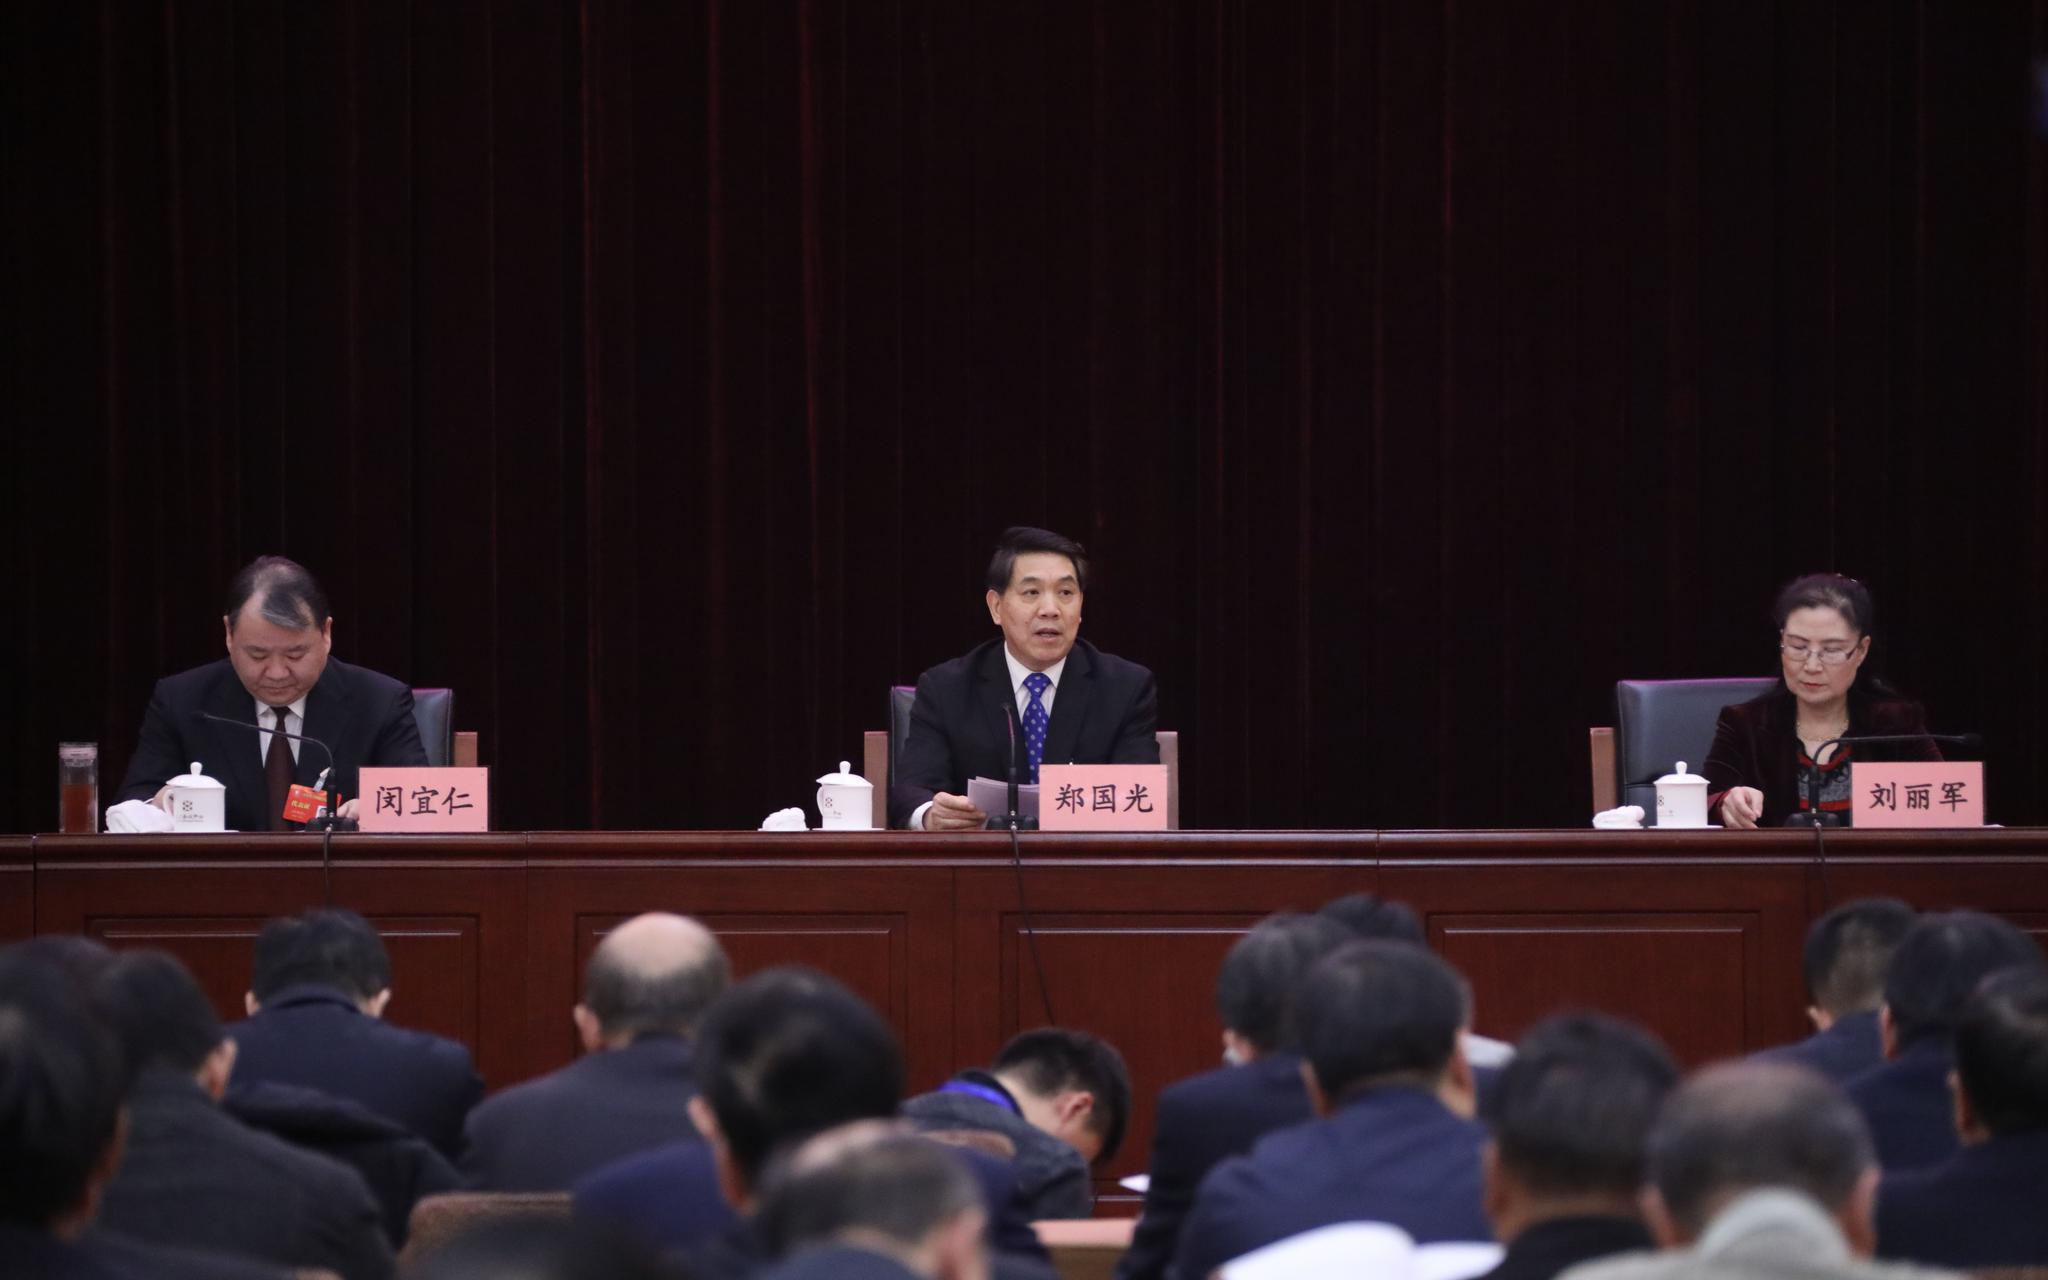 中国地震科学实验场今年召开首届国际学术年会